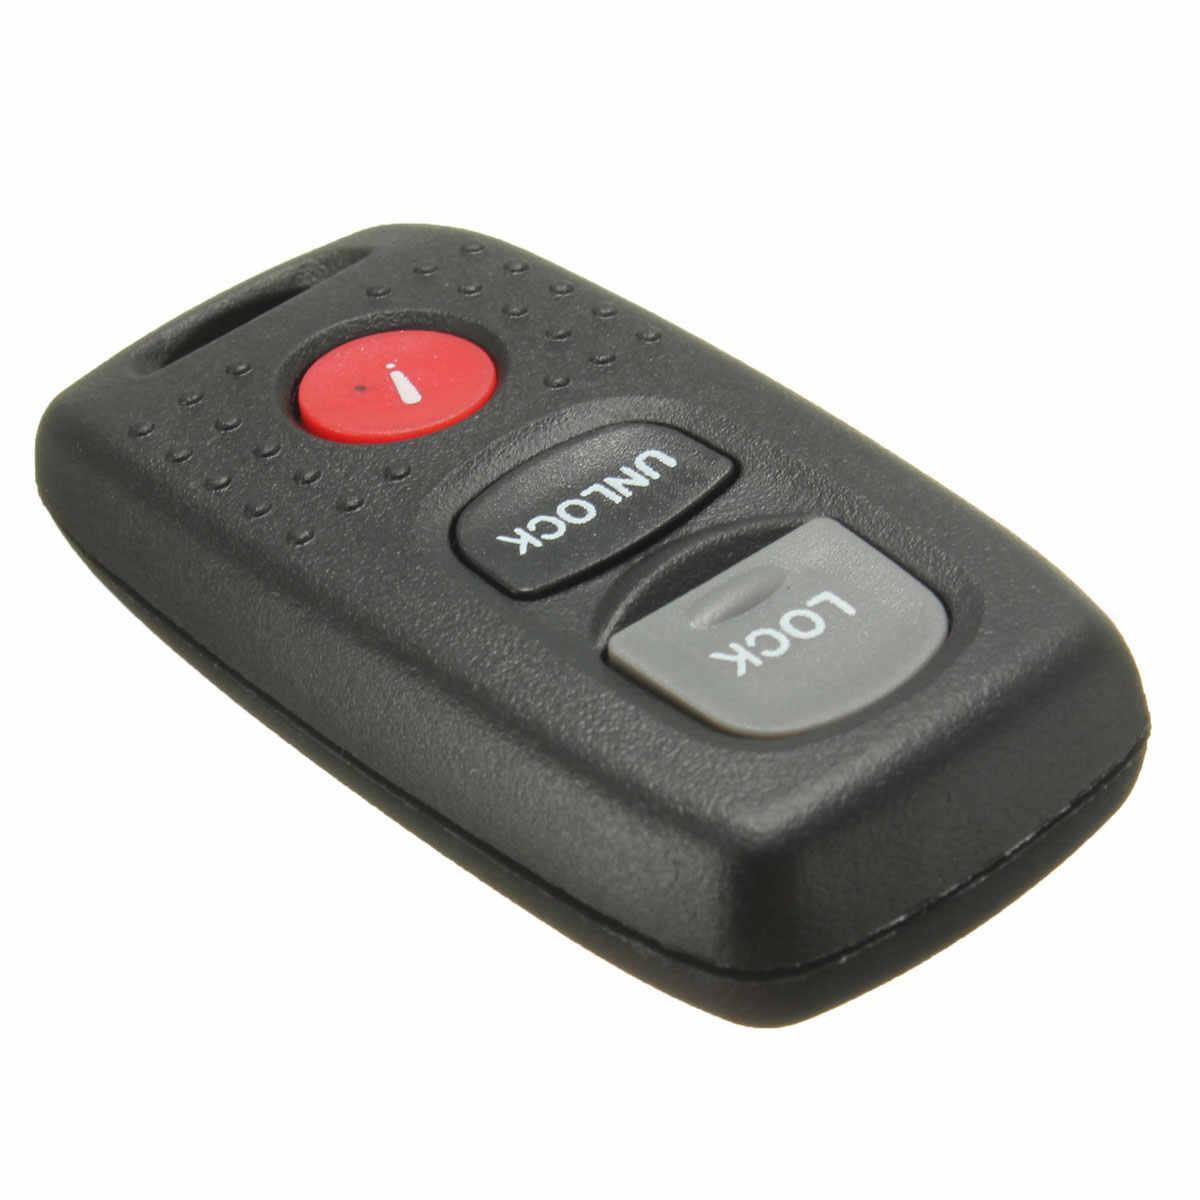 313 Mhz Clé Entrée Télécommande Fob Émetteur Sans Clé Pour Mazda 3 2004 2006 2006 Pour Mazda 6 2003 2004 2005 Pour Mazda3 6 KPU41846